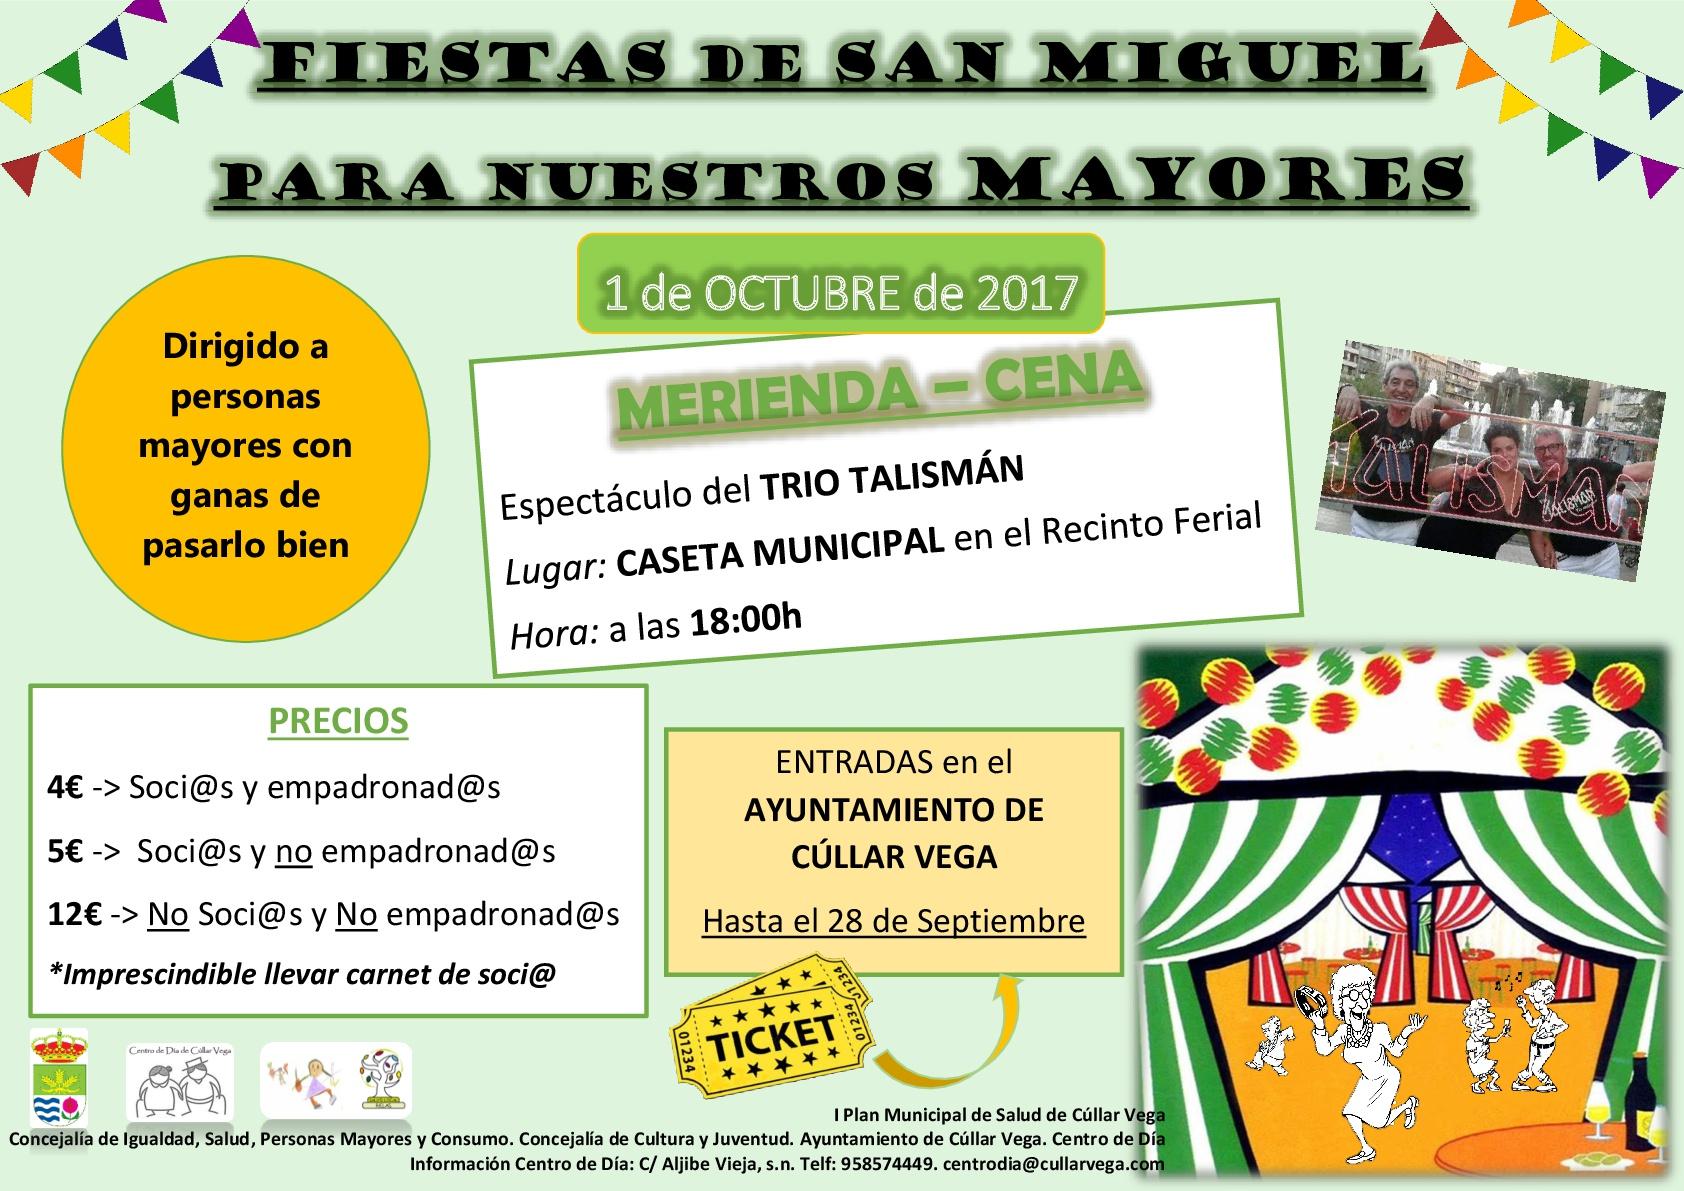 Merienda-Cena en honor a Nuestros Mayores